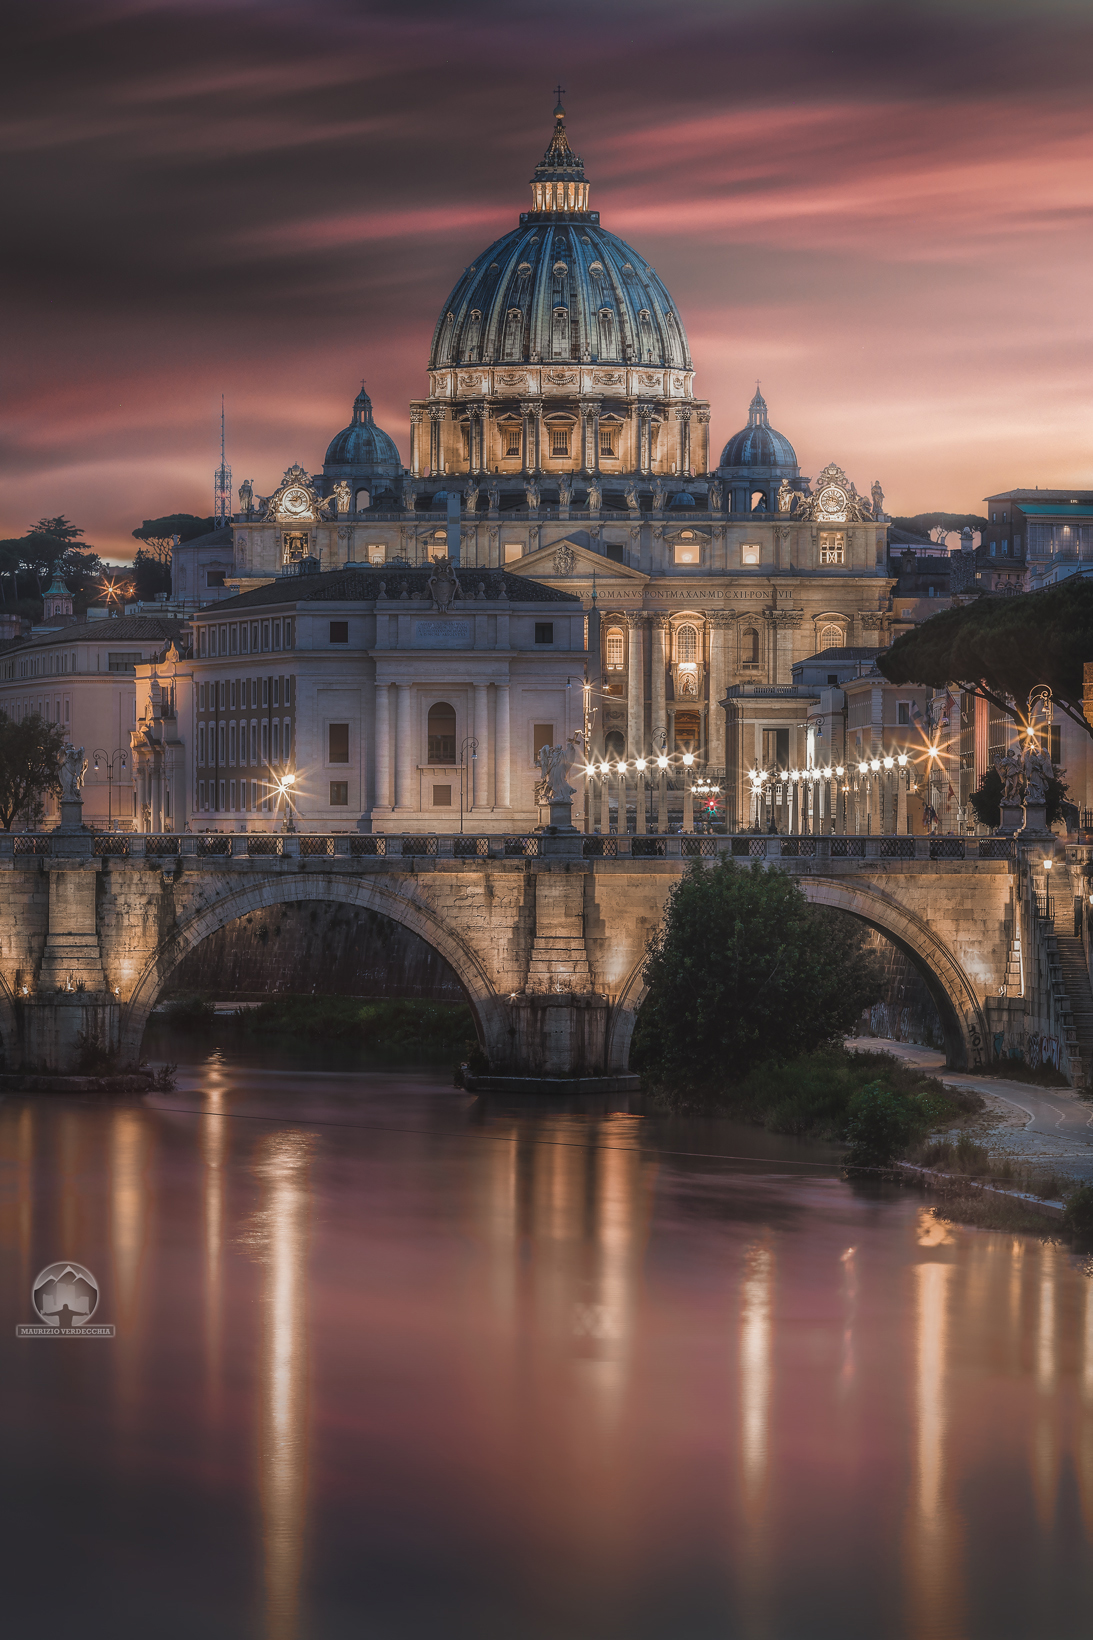 Rome is Rome - MortalNightHDR...